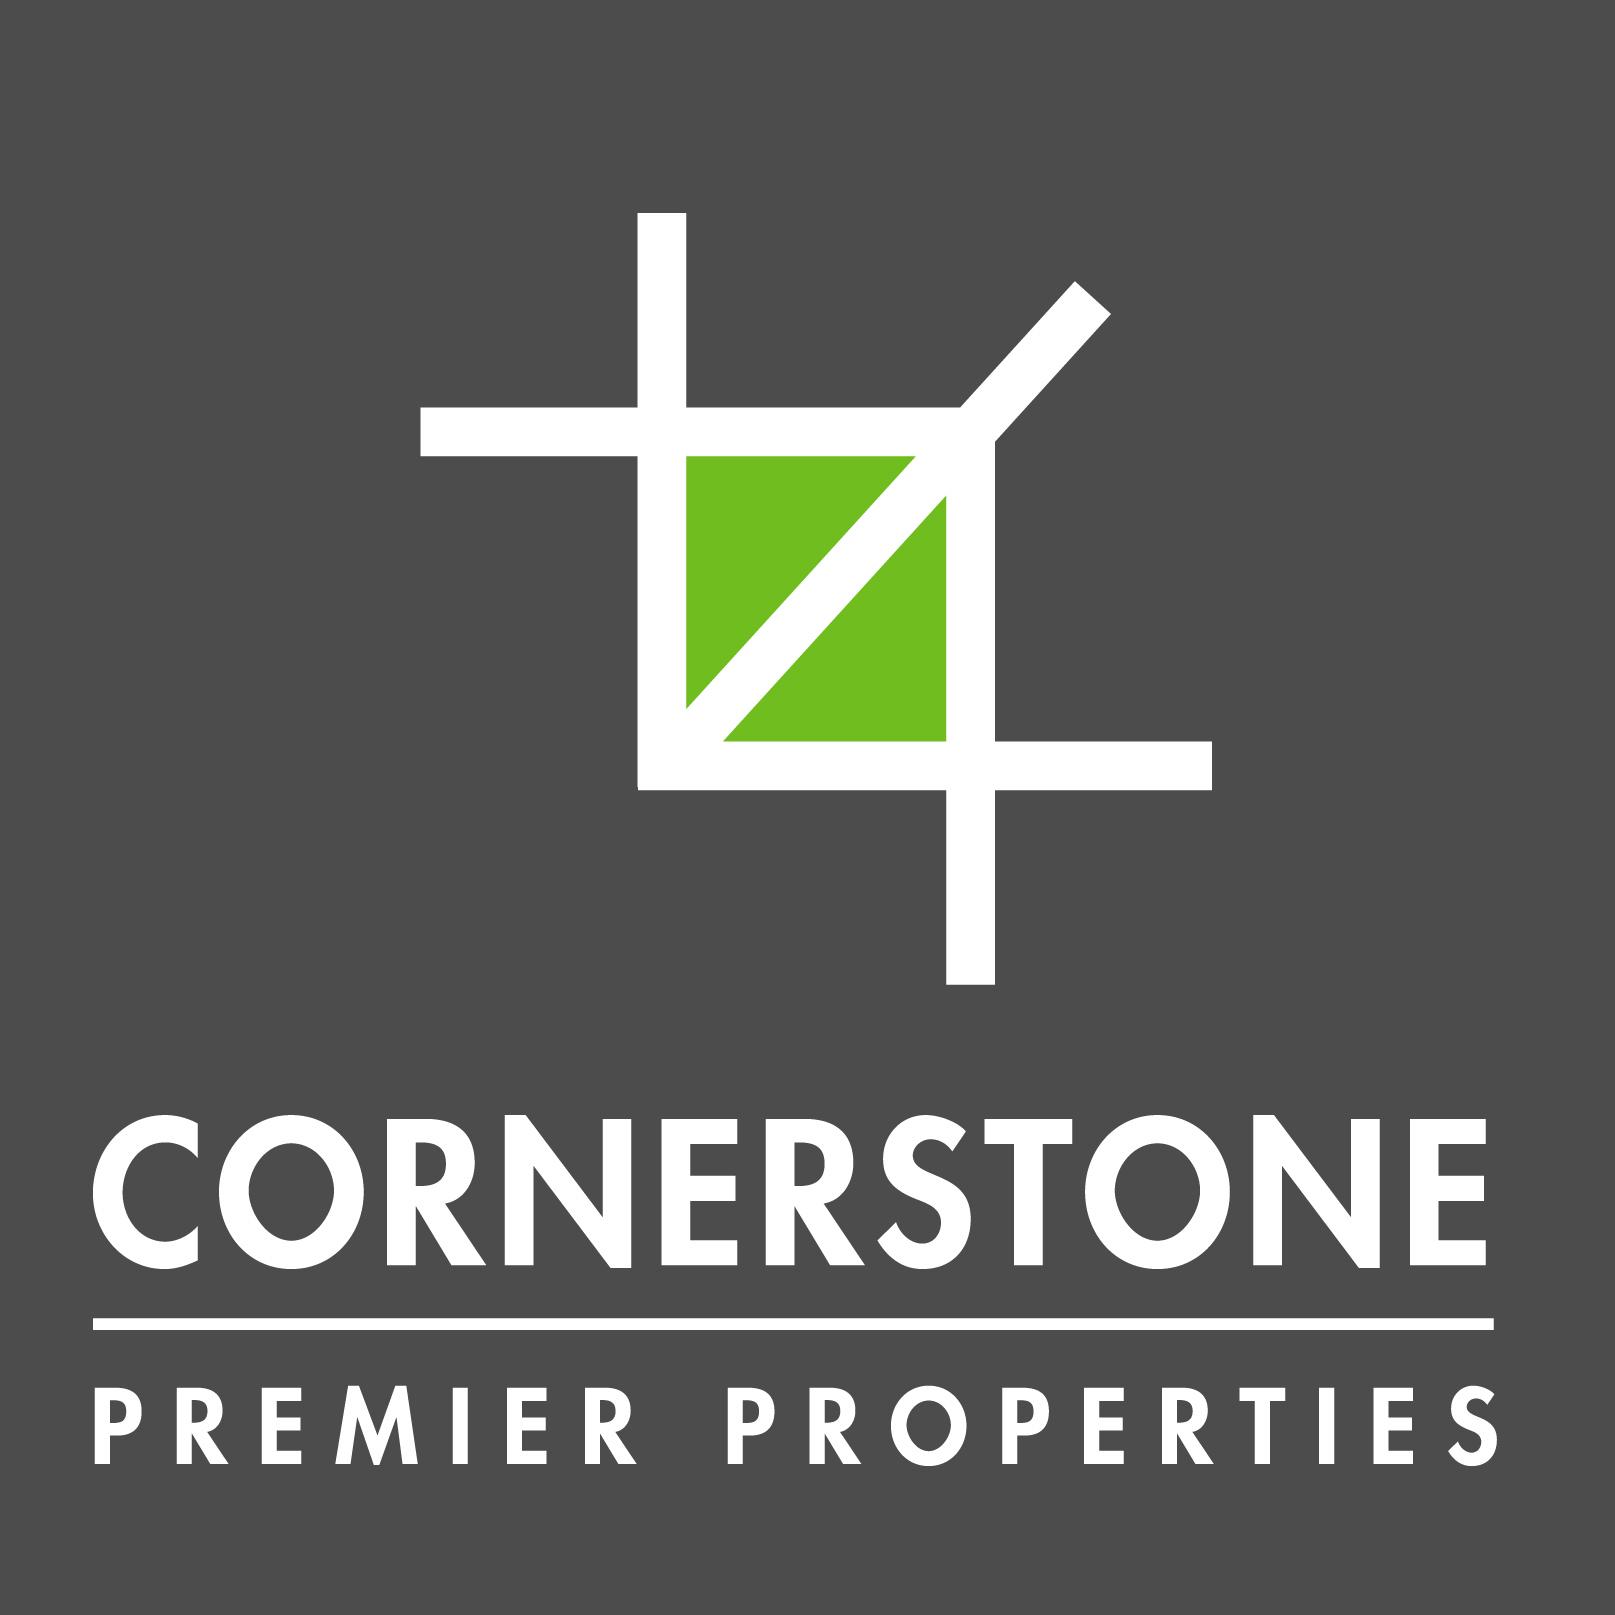 Cornerstone Premier Properties